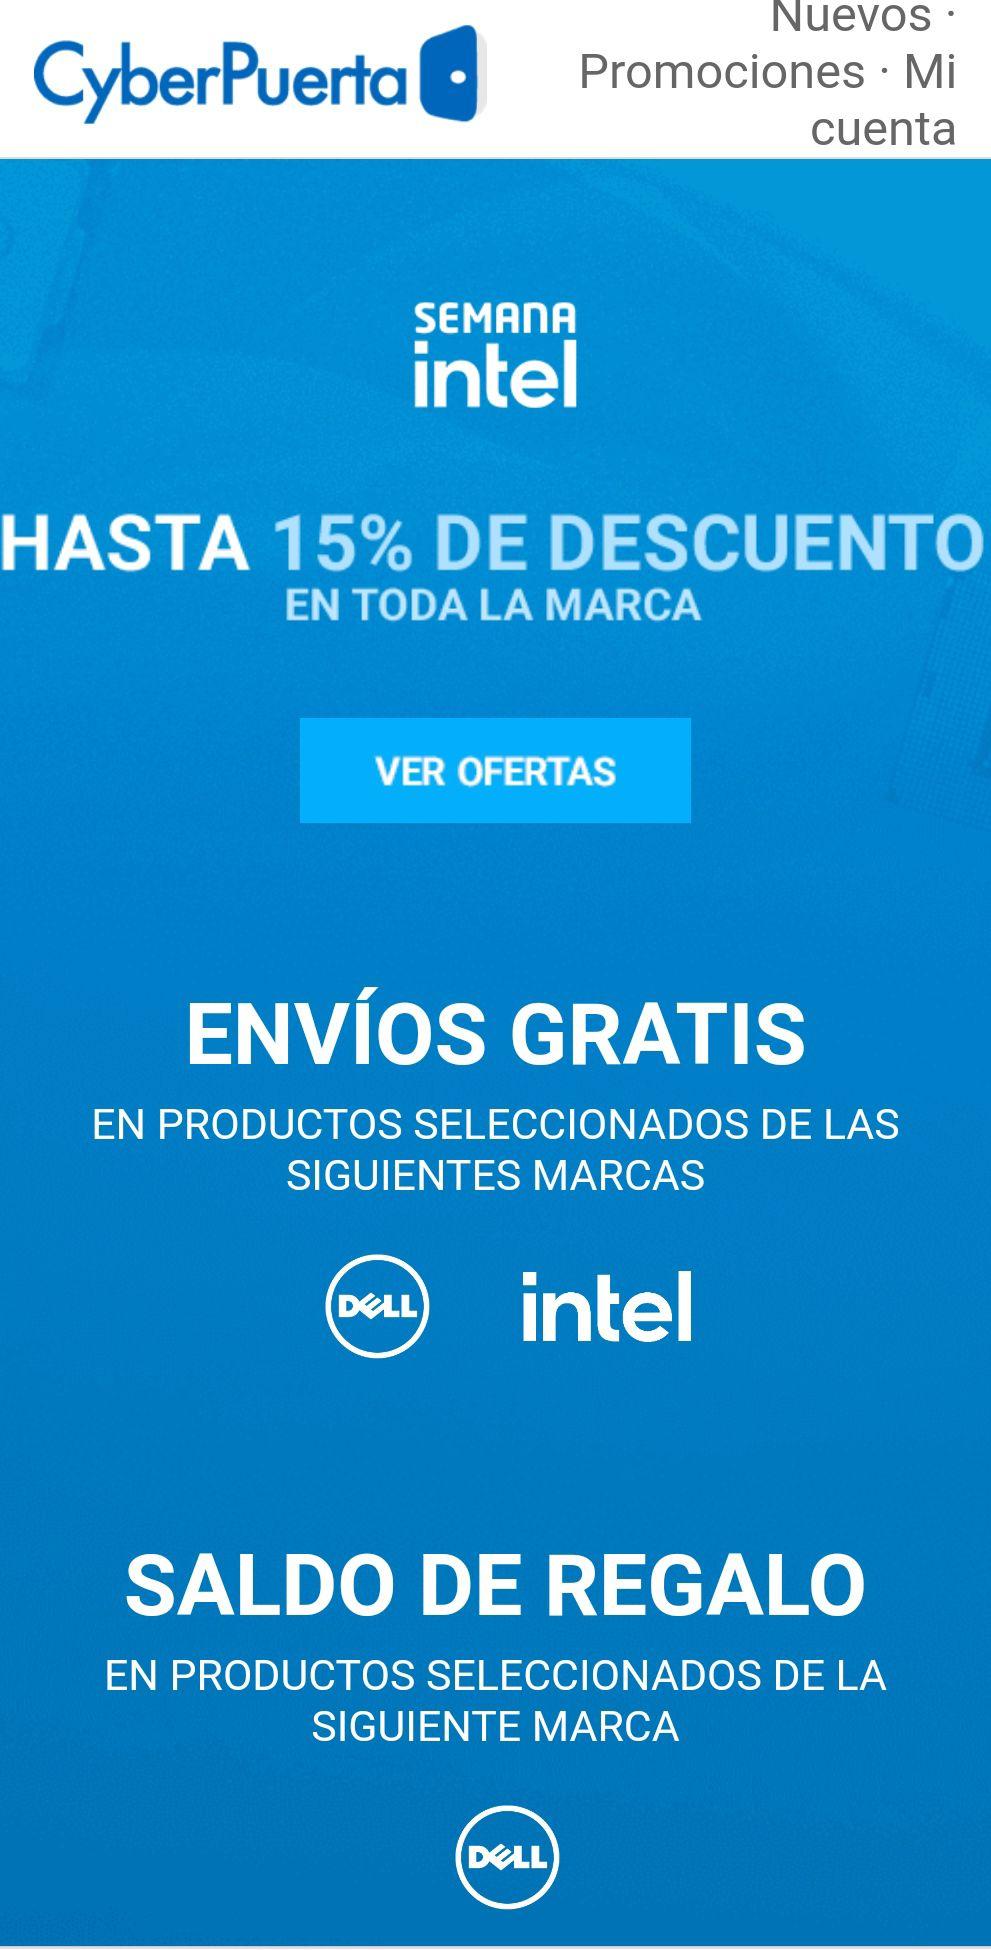 Cyberpuerta: Hasta 15% en Intel